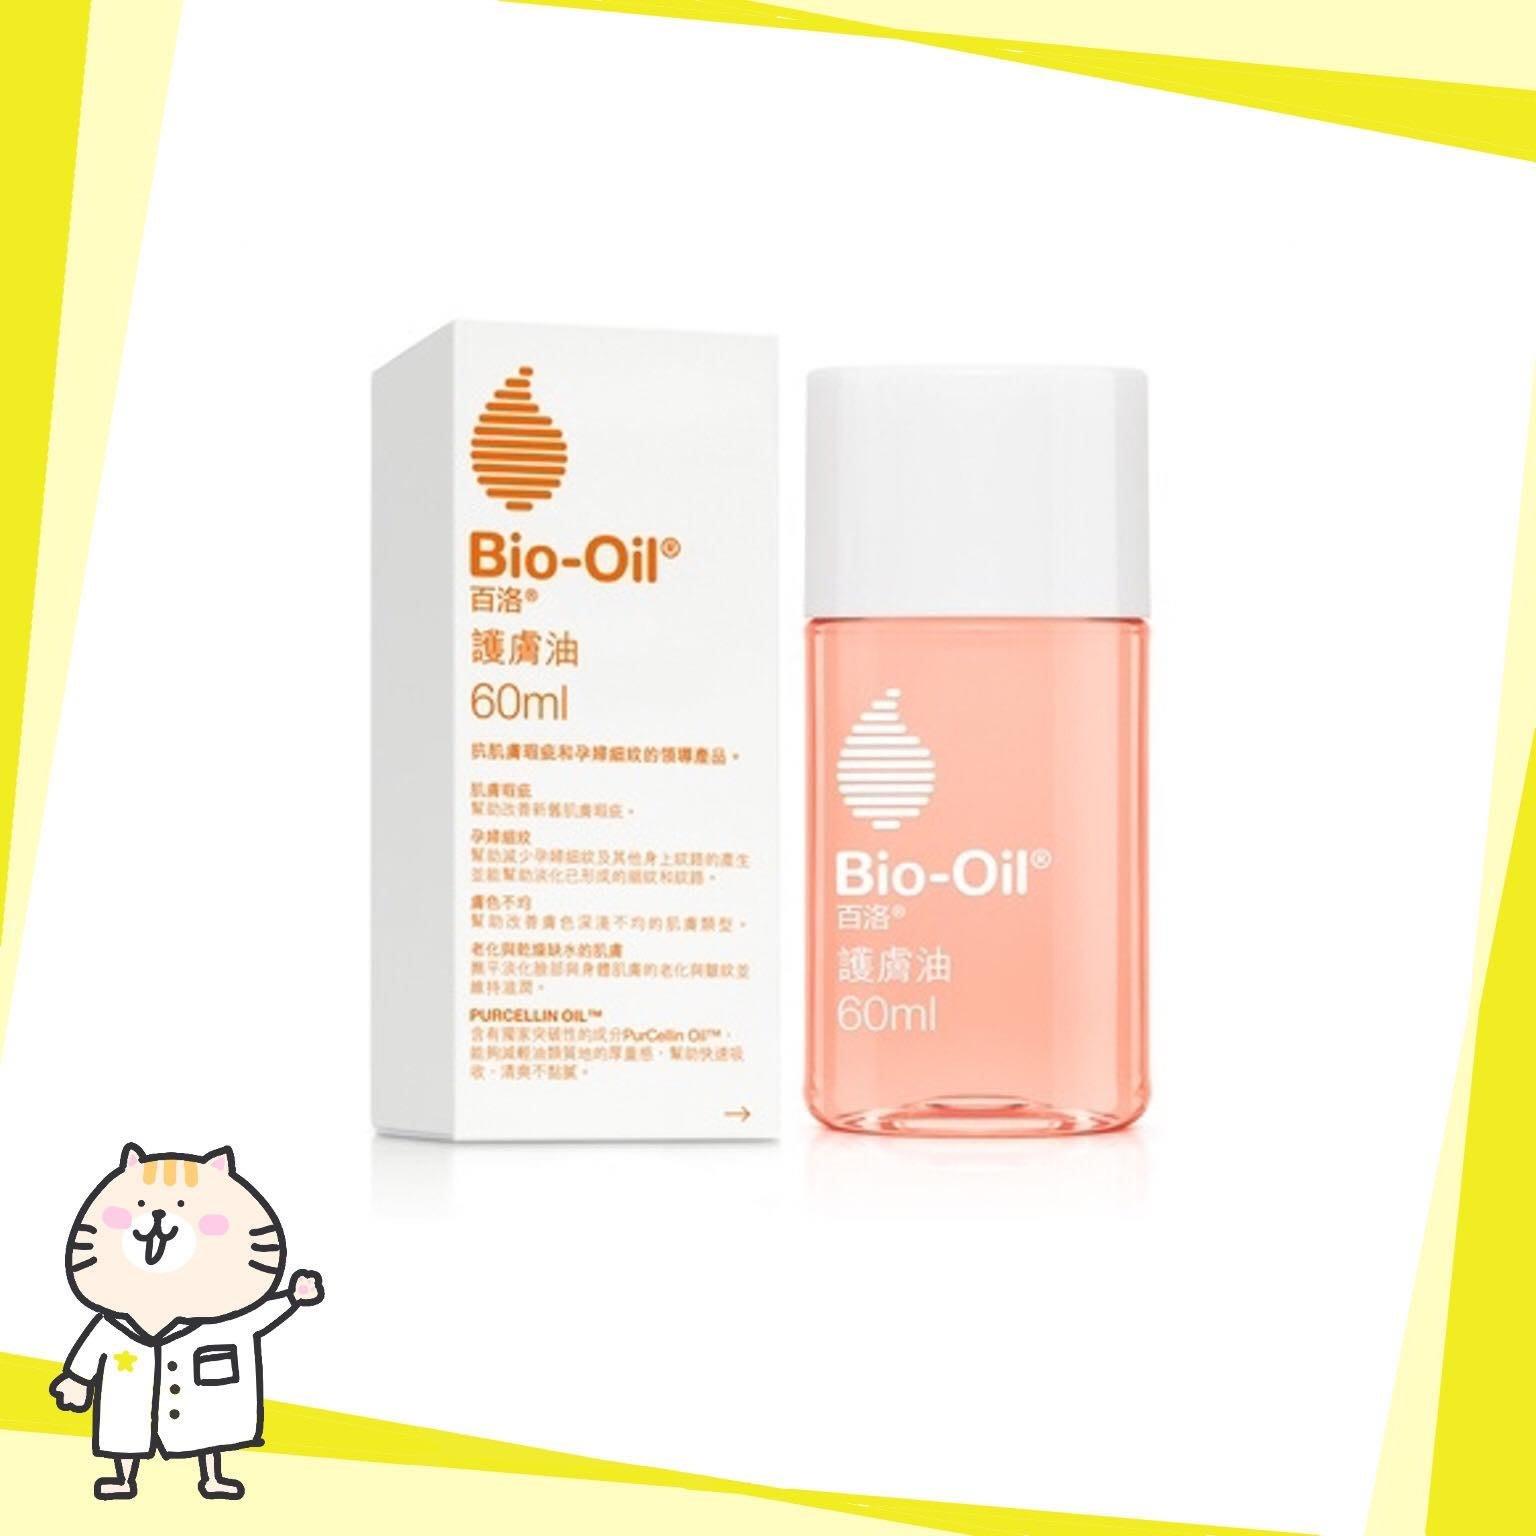 ⭐ 百洛Bio-oil 專業護膚油 60ml ⭐